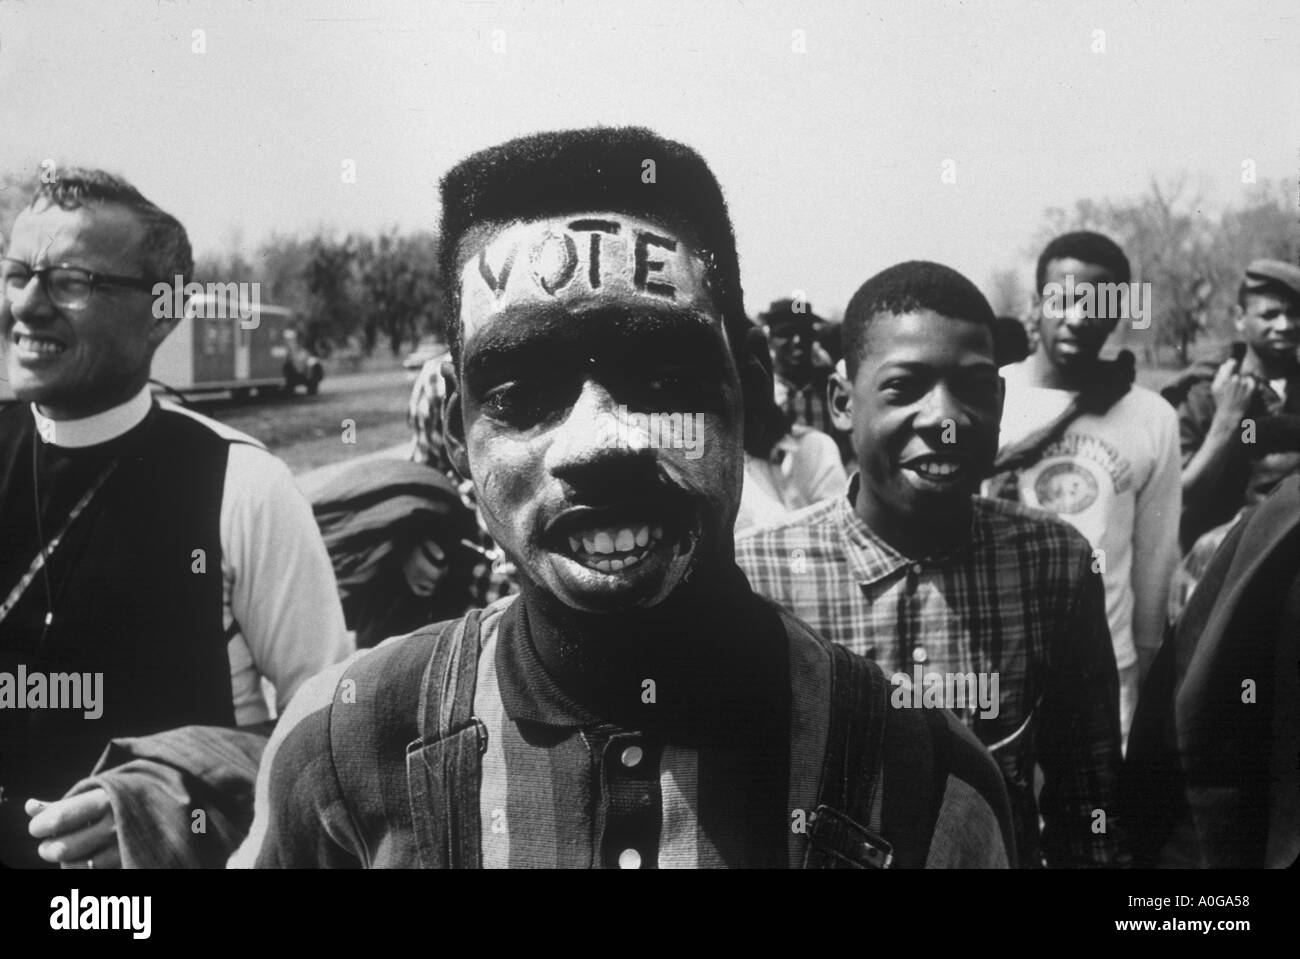 Selma, Alabama 1965 The Selma März Vote geschrieben über die Stirn eines jungen Mannes marschieren für Schwarz Stimmrechte Stockbild